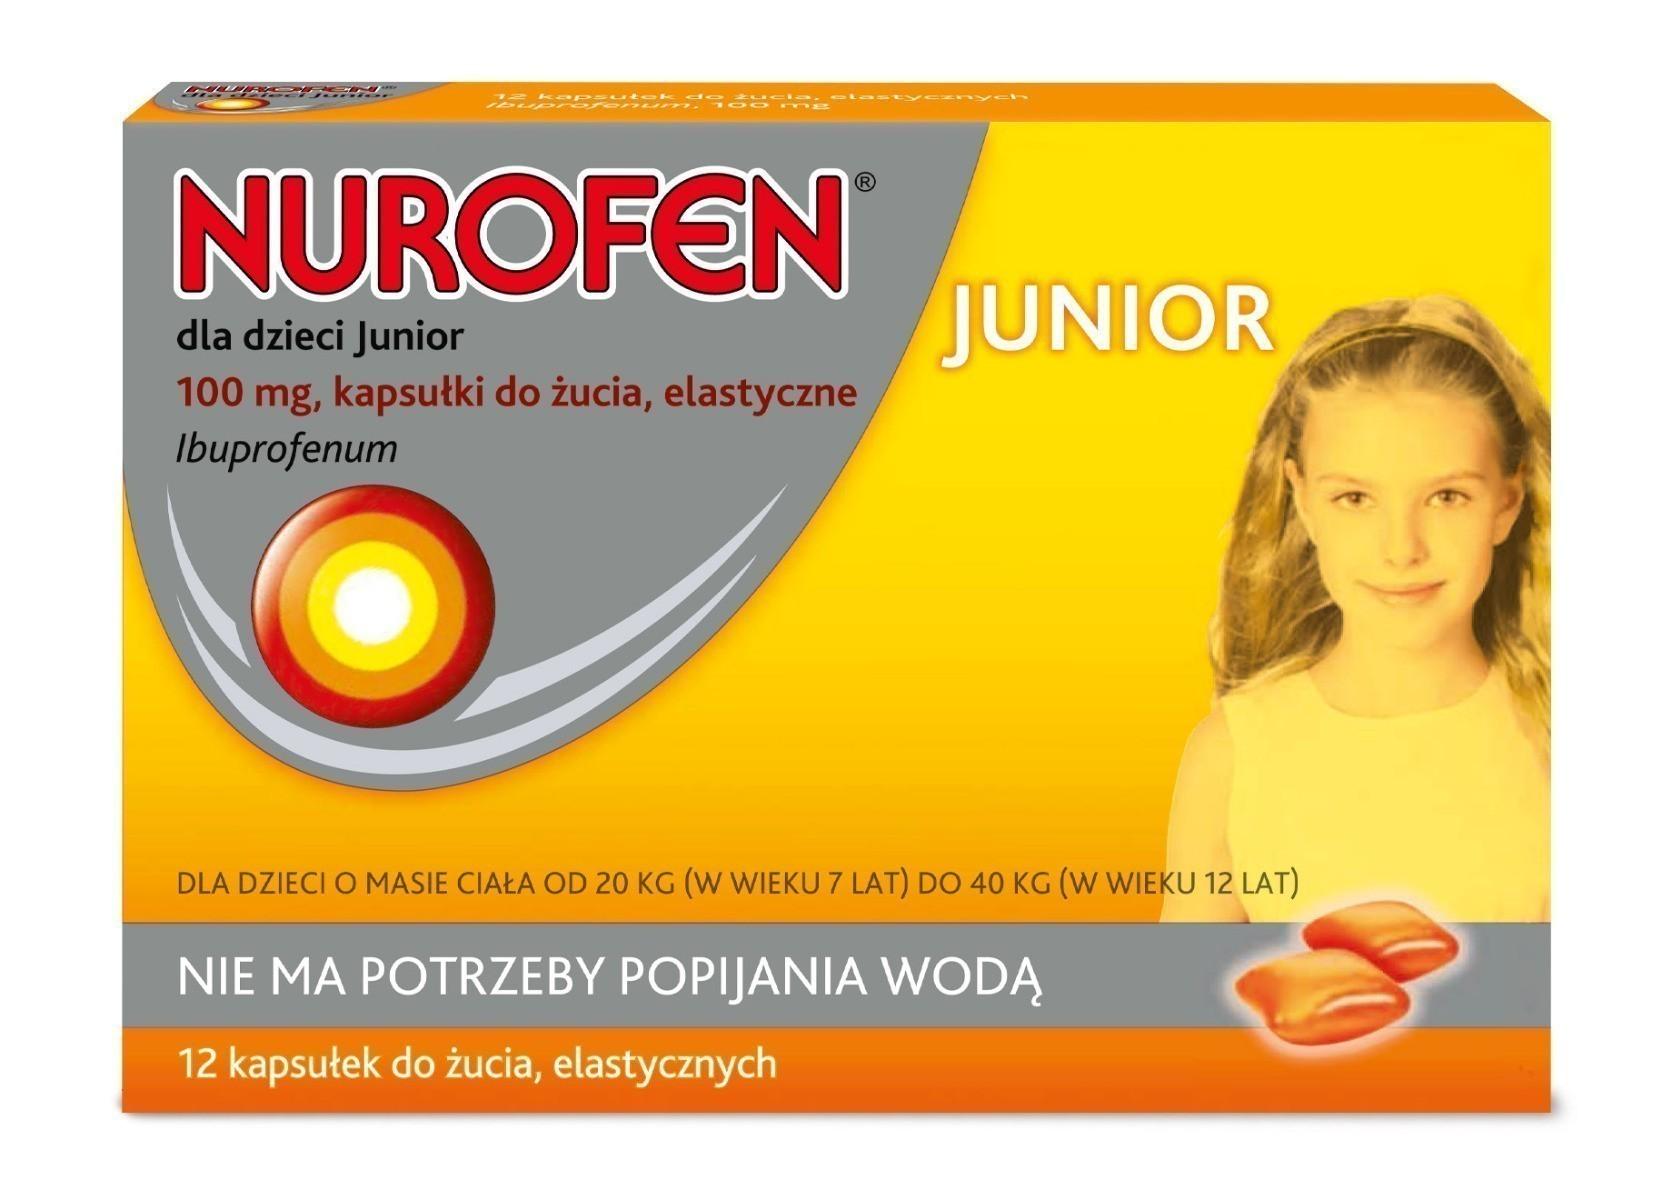 Nurofen dla dzieci Junior kapsułki do żucia